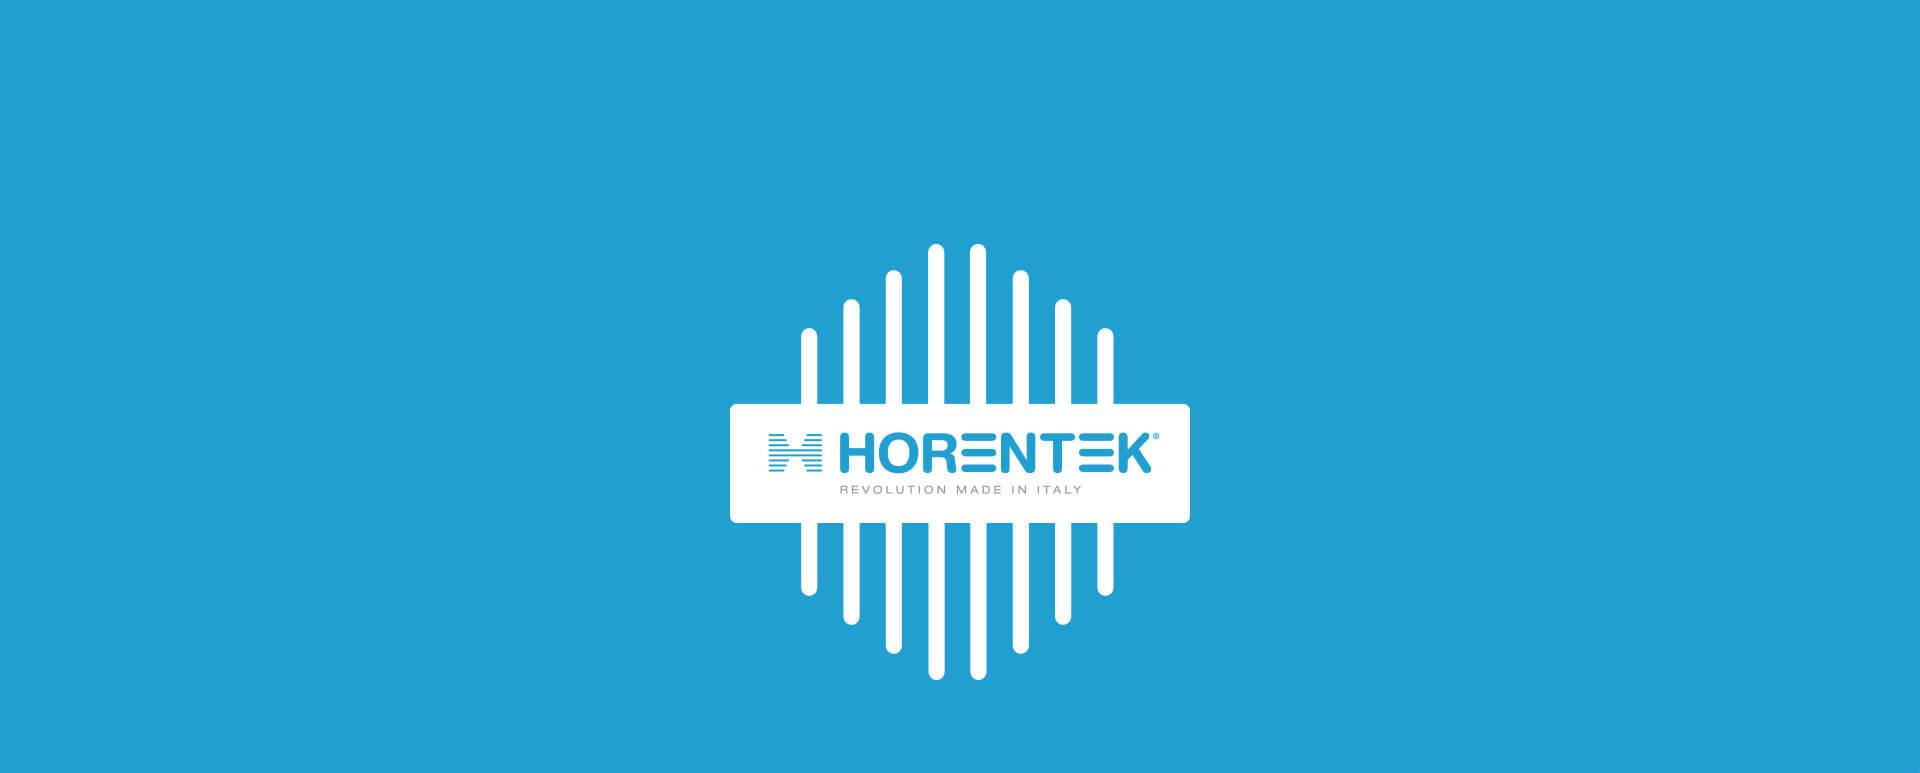 Horentek-logo